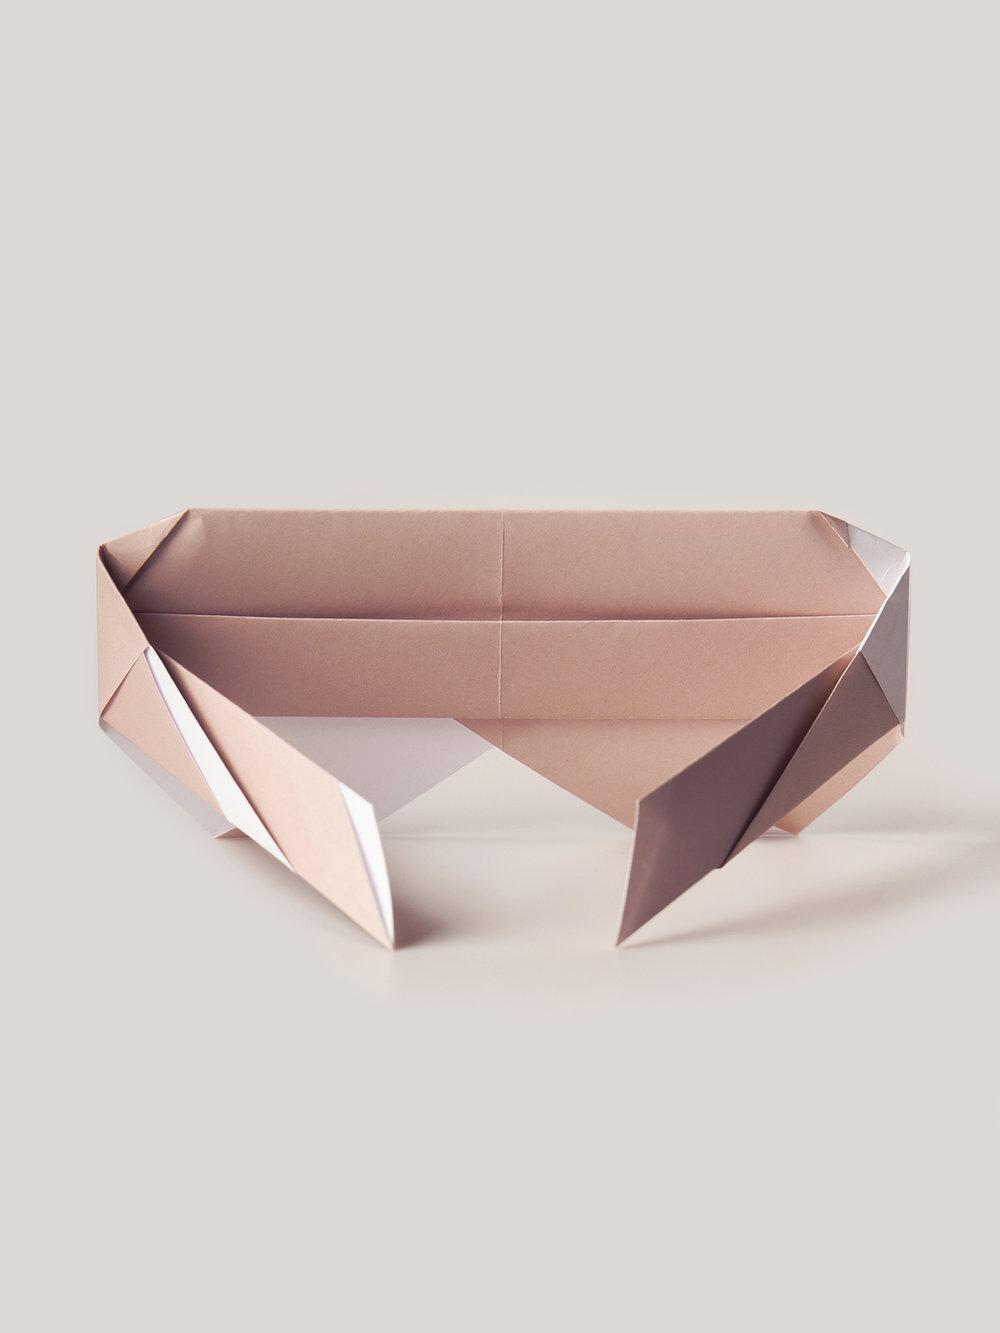 Origami Figur Sonnenbrille Diva  Origami figure Sunglasses